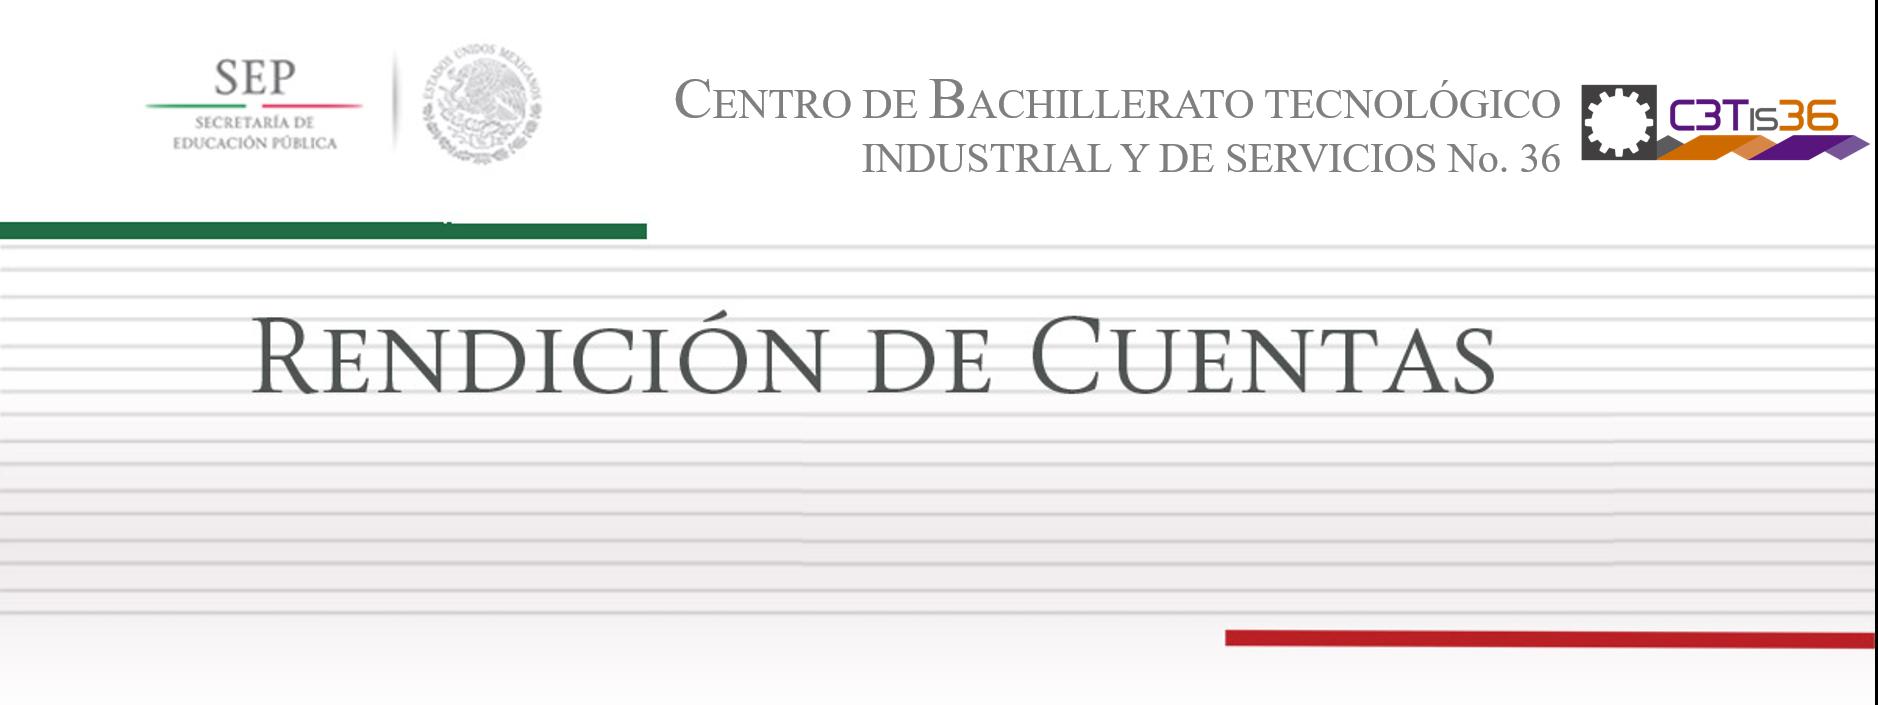 Rendición de cuentas 2013 - 2014